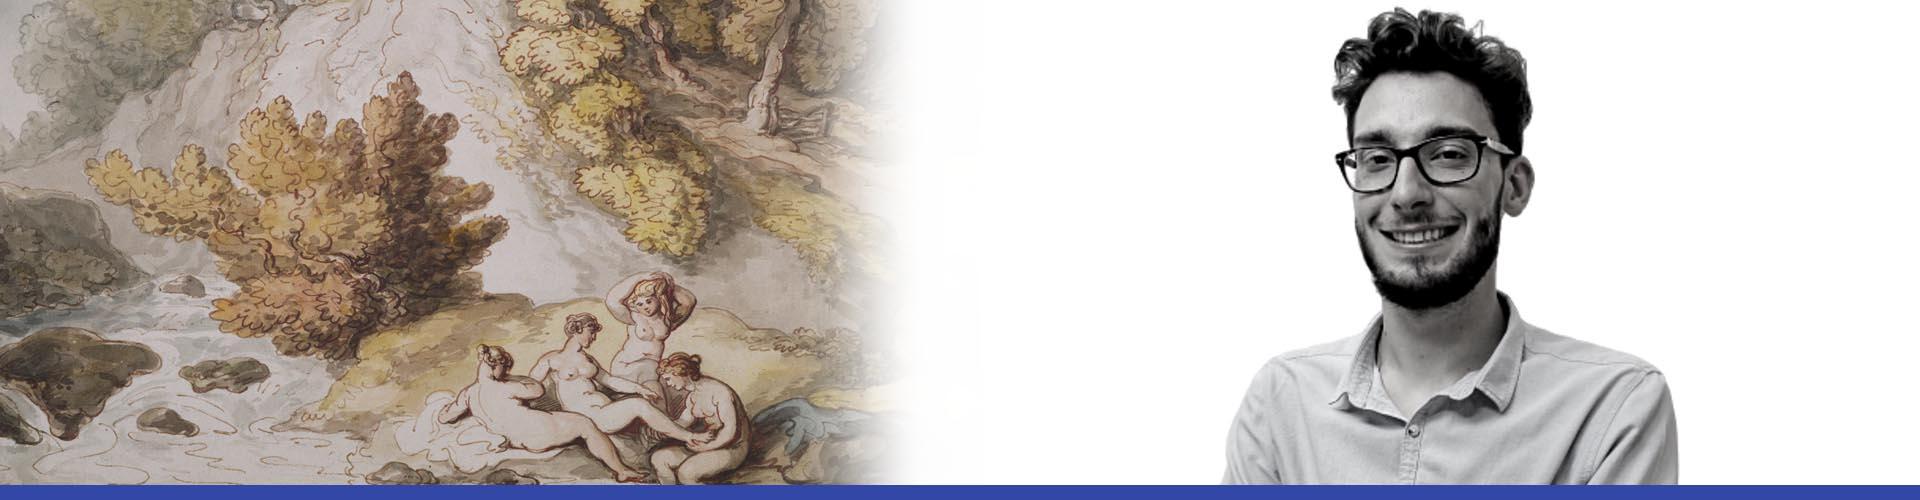 carosello-mitologia